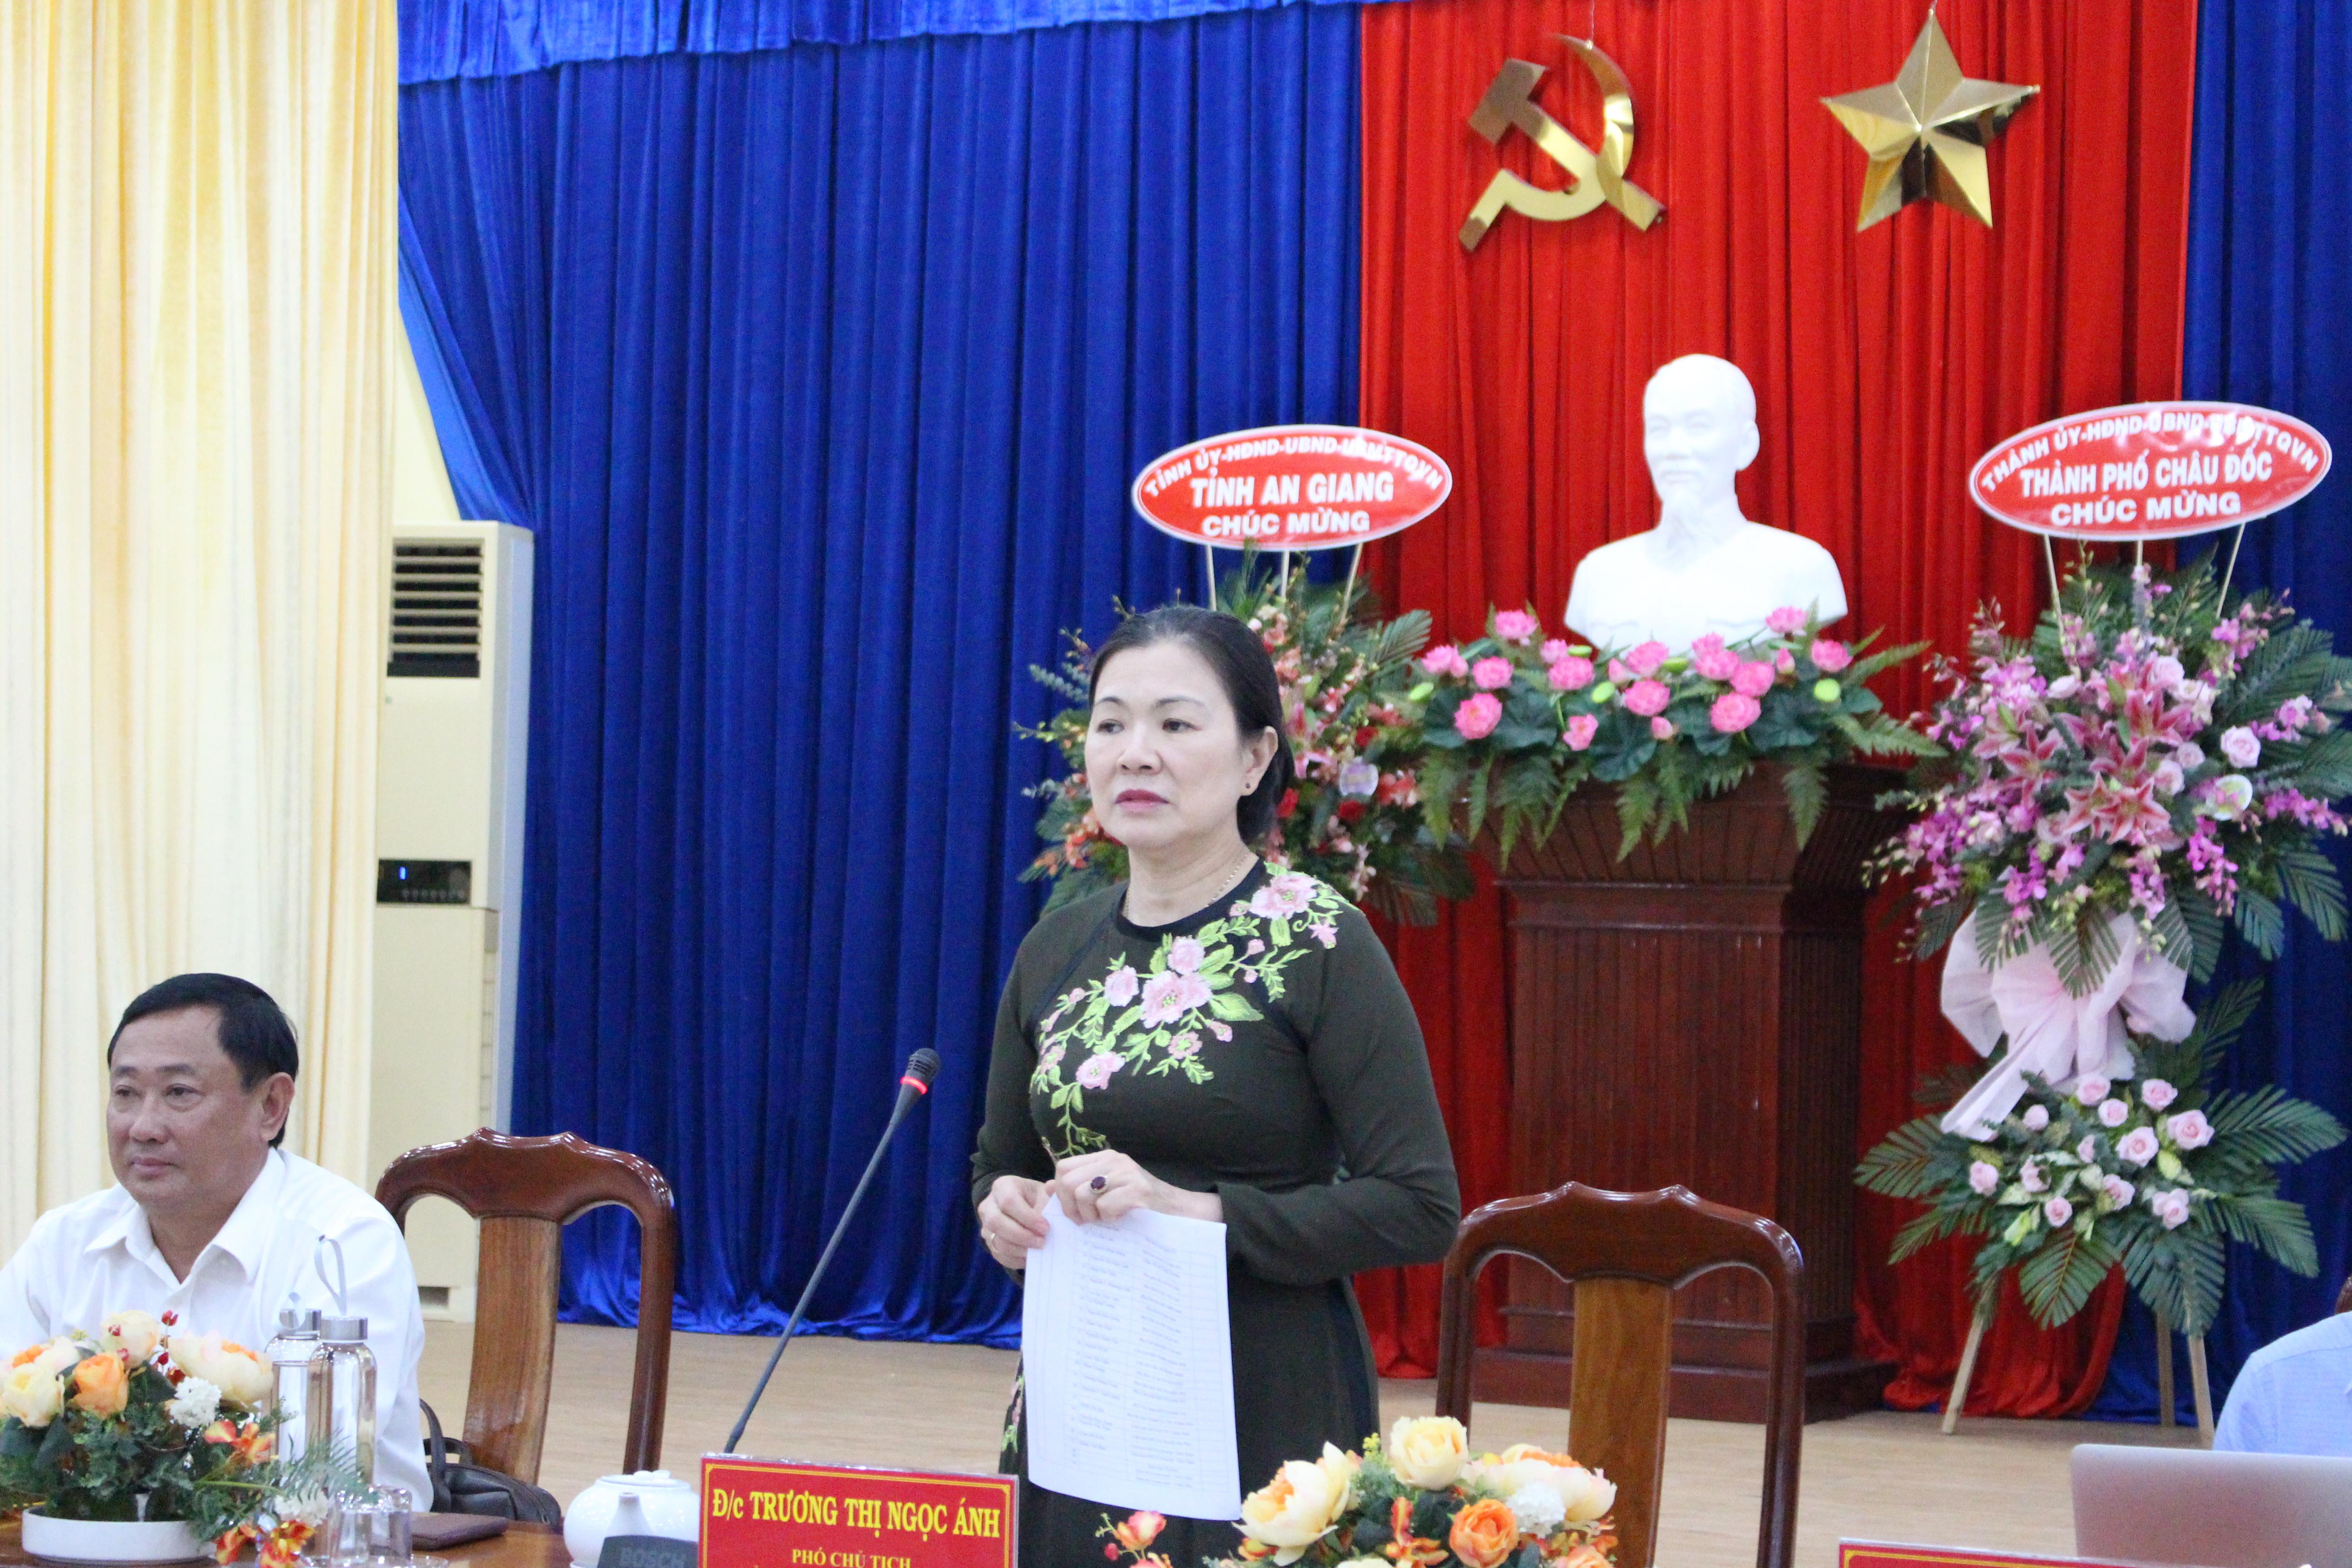 Phó Chủ tịch Trương Thị Ngọc Ánh phát biểu tại Tọa đàm.